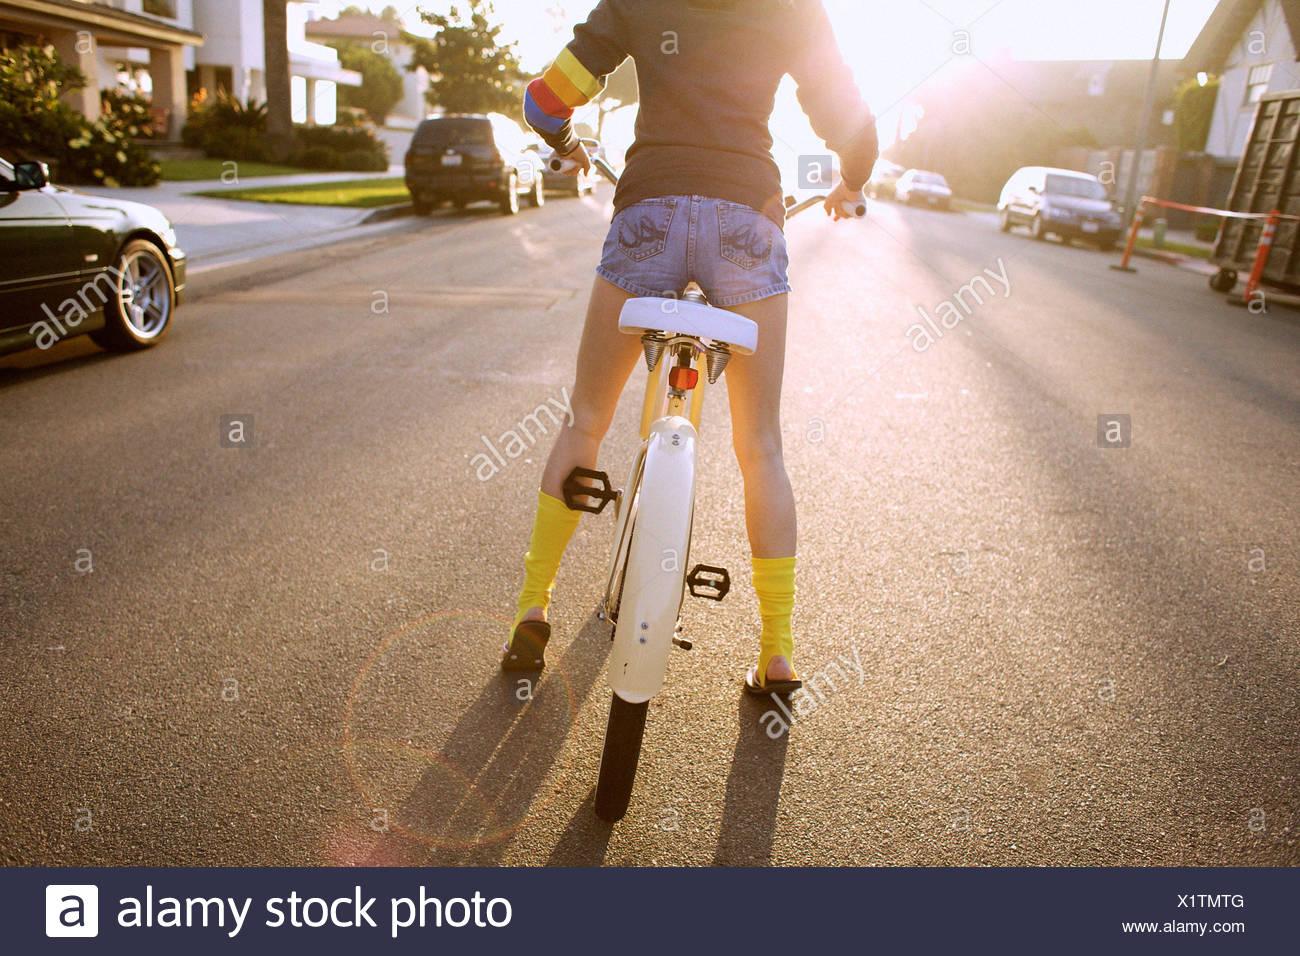 Jeune femme portant des chaussettes jaunes et un hoodie se prépare à lancer un cheval, en vtt. Photo Stock